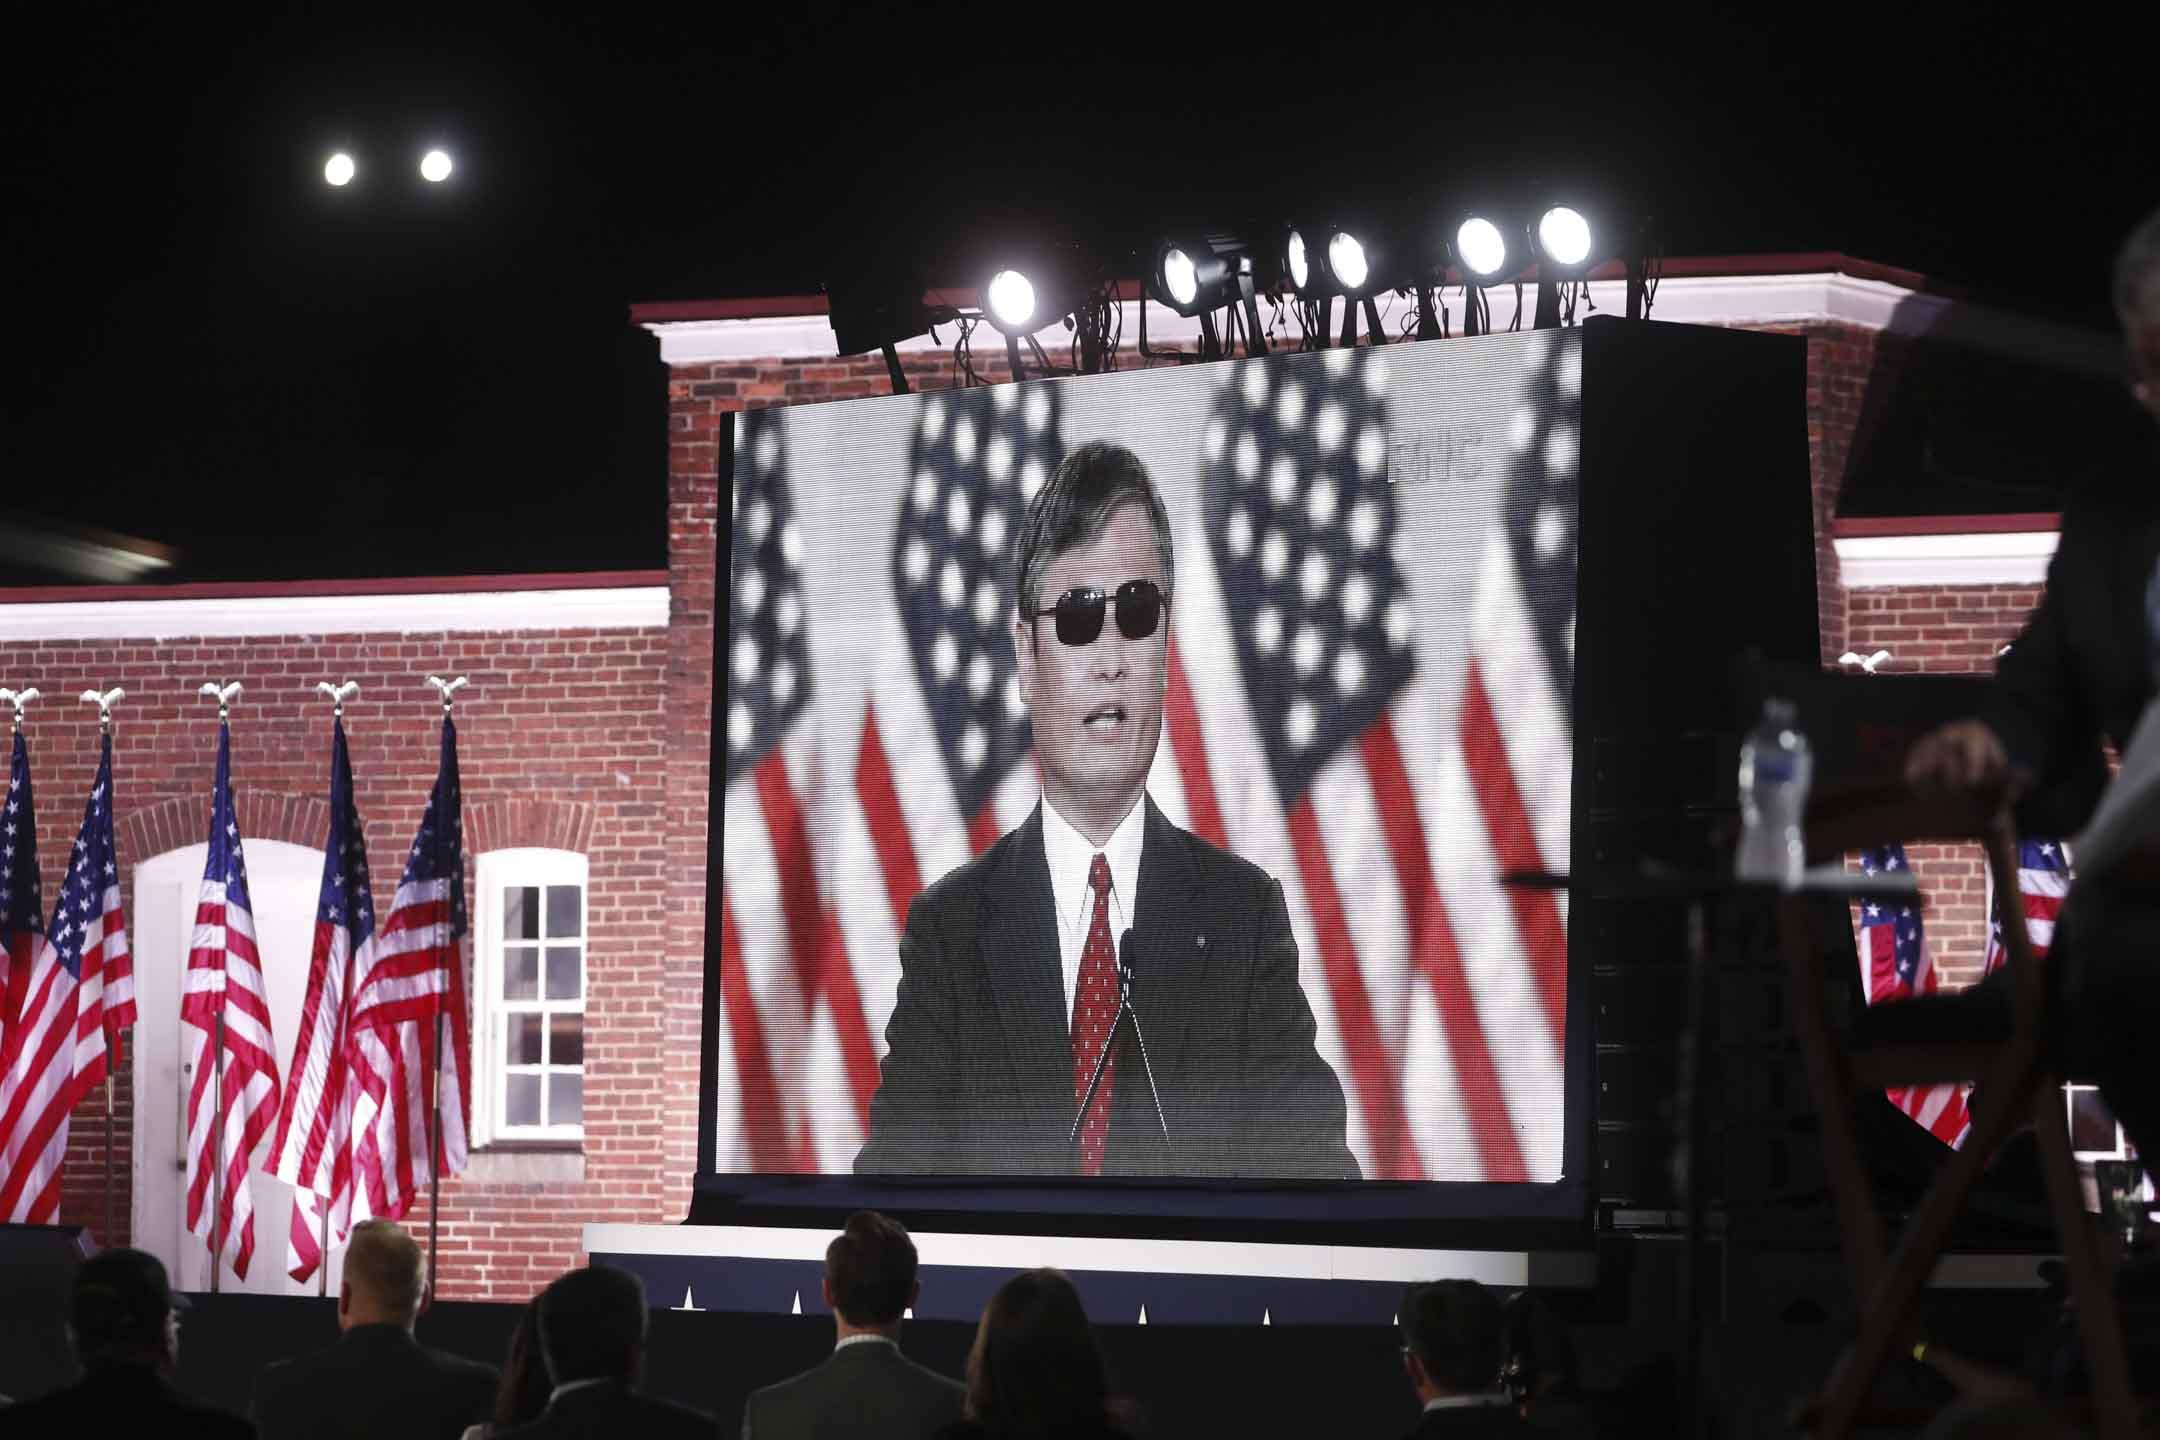 2020年8月26日,美國馬里蘭州的共和黨全國代表大會上,中國維權律師陳光誠發表演講。  攝:Al Drago/Bloomberg via Getty Images